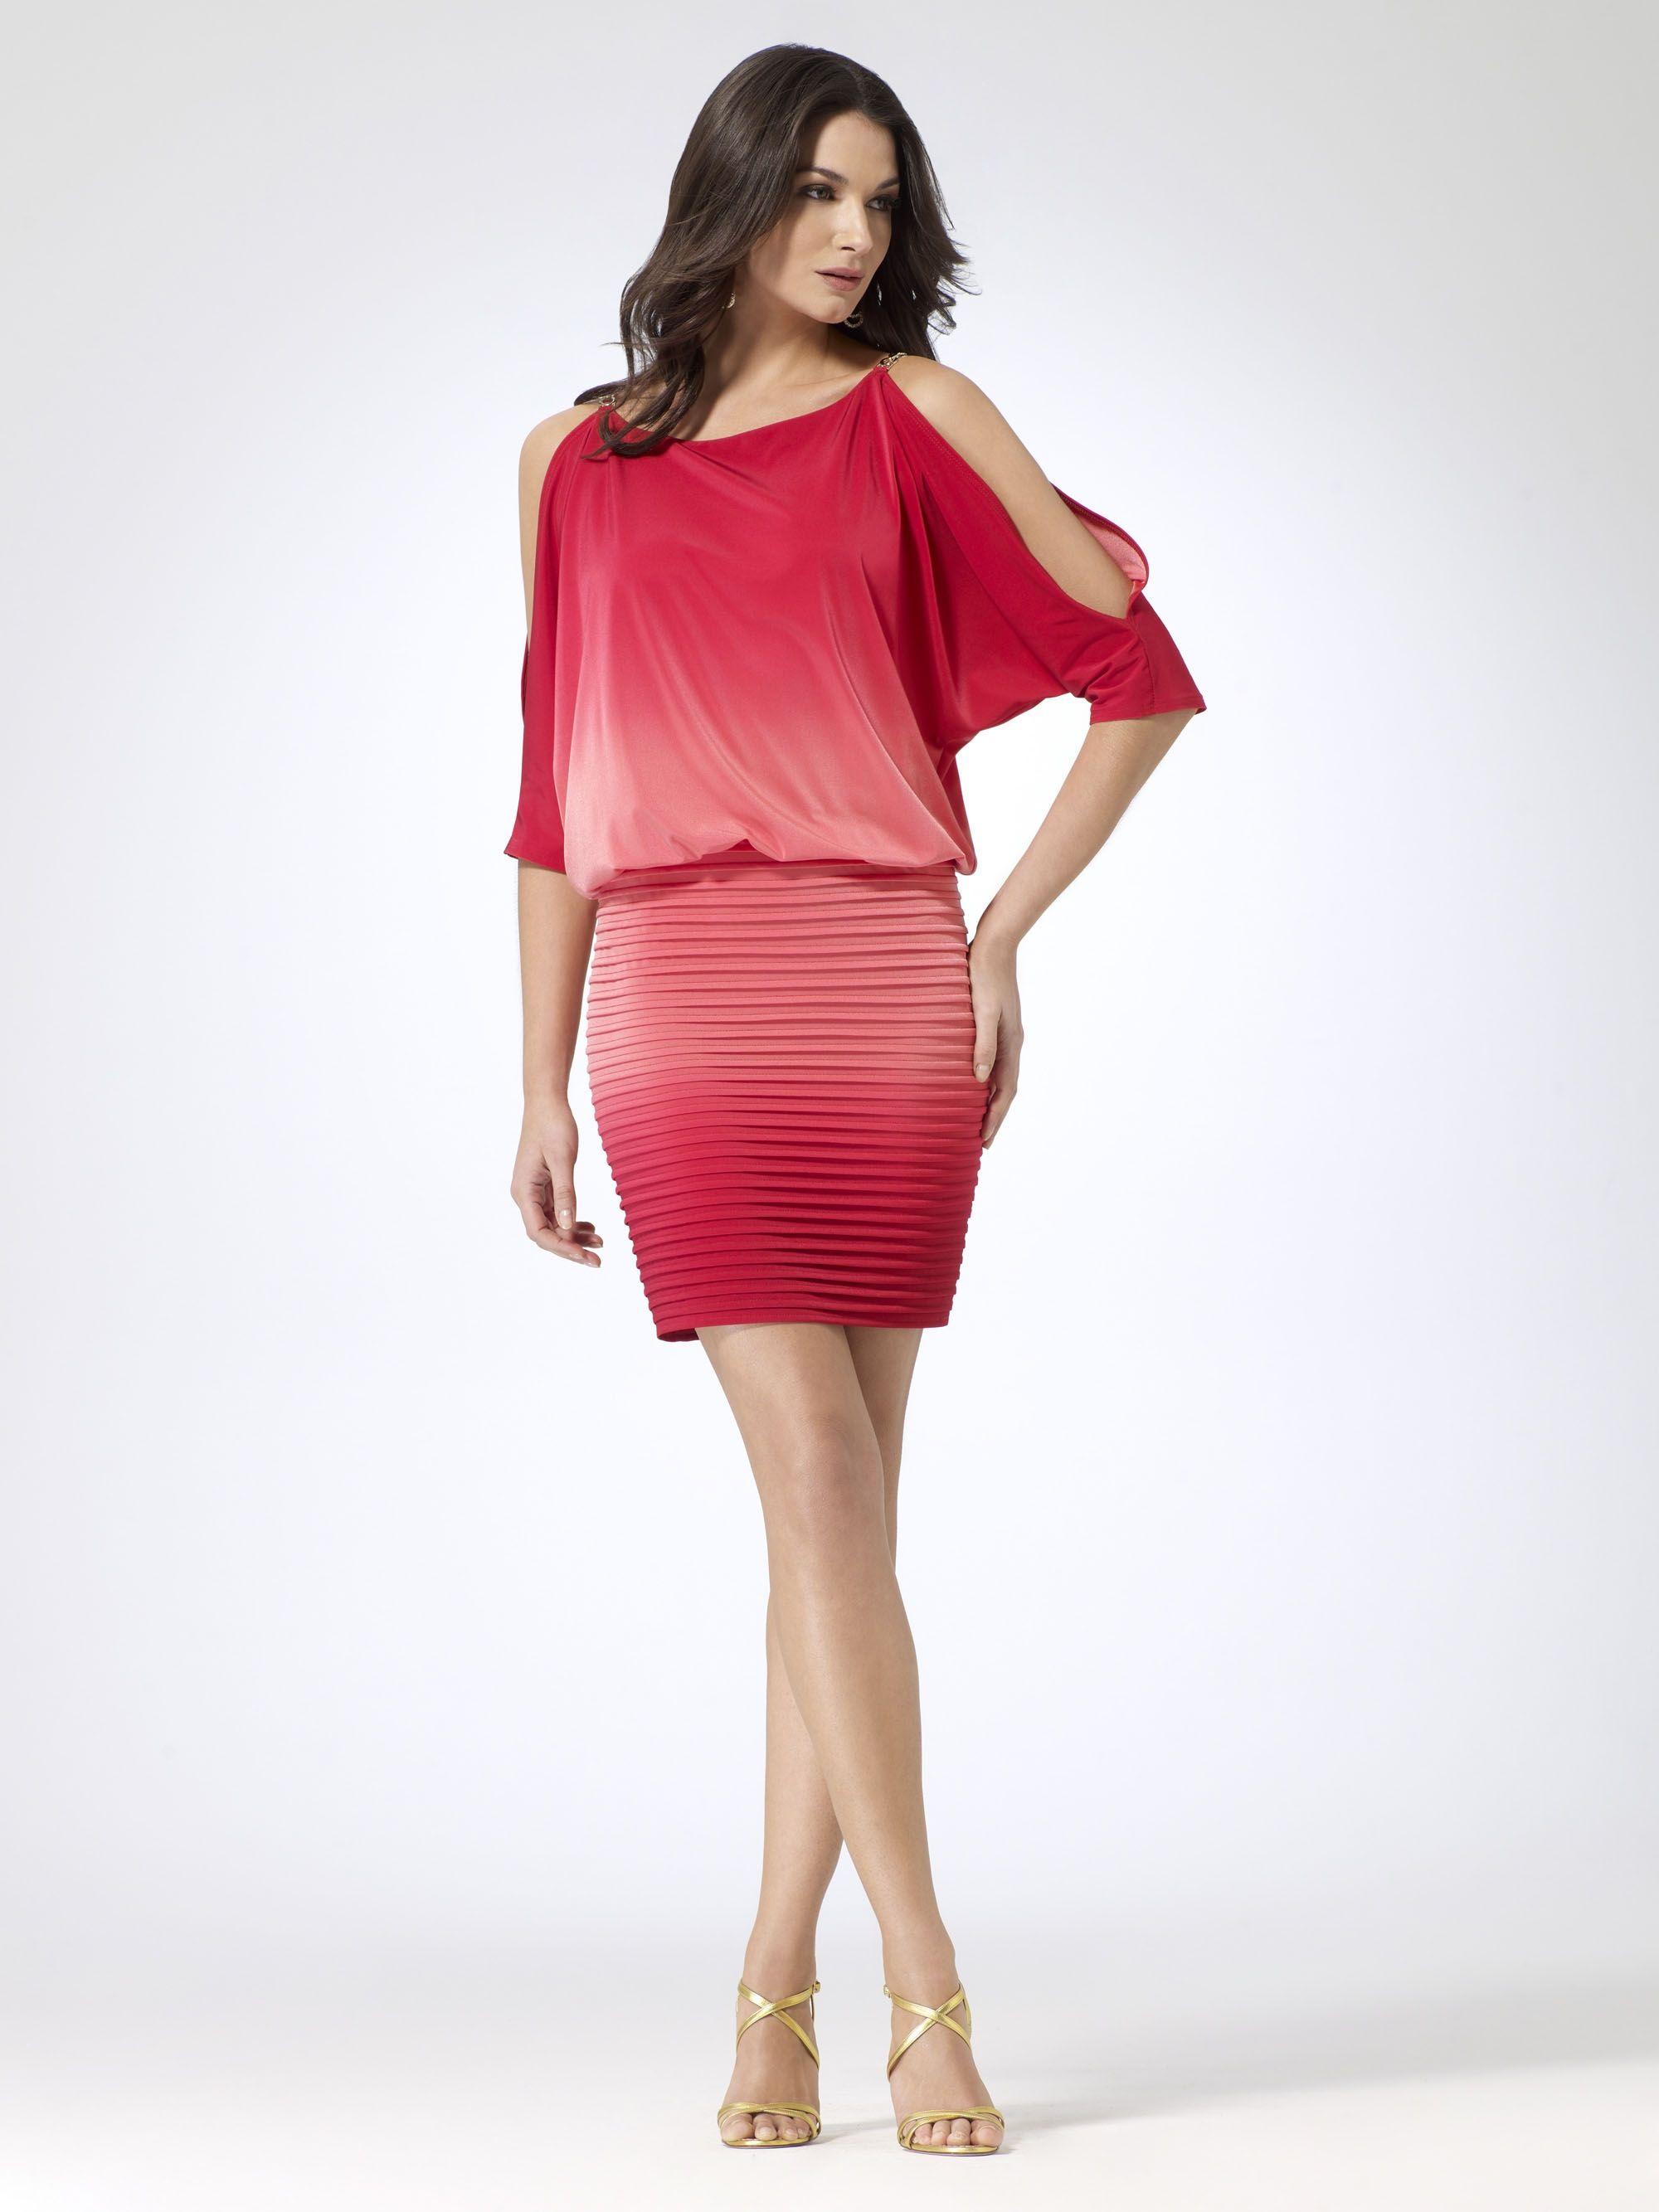 Cocktail dresses red ombre blouson dress caché fashion